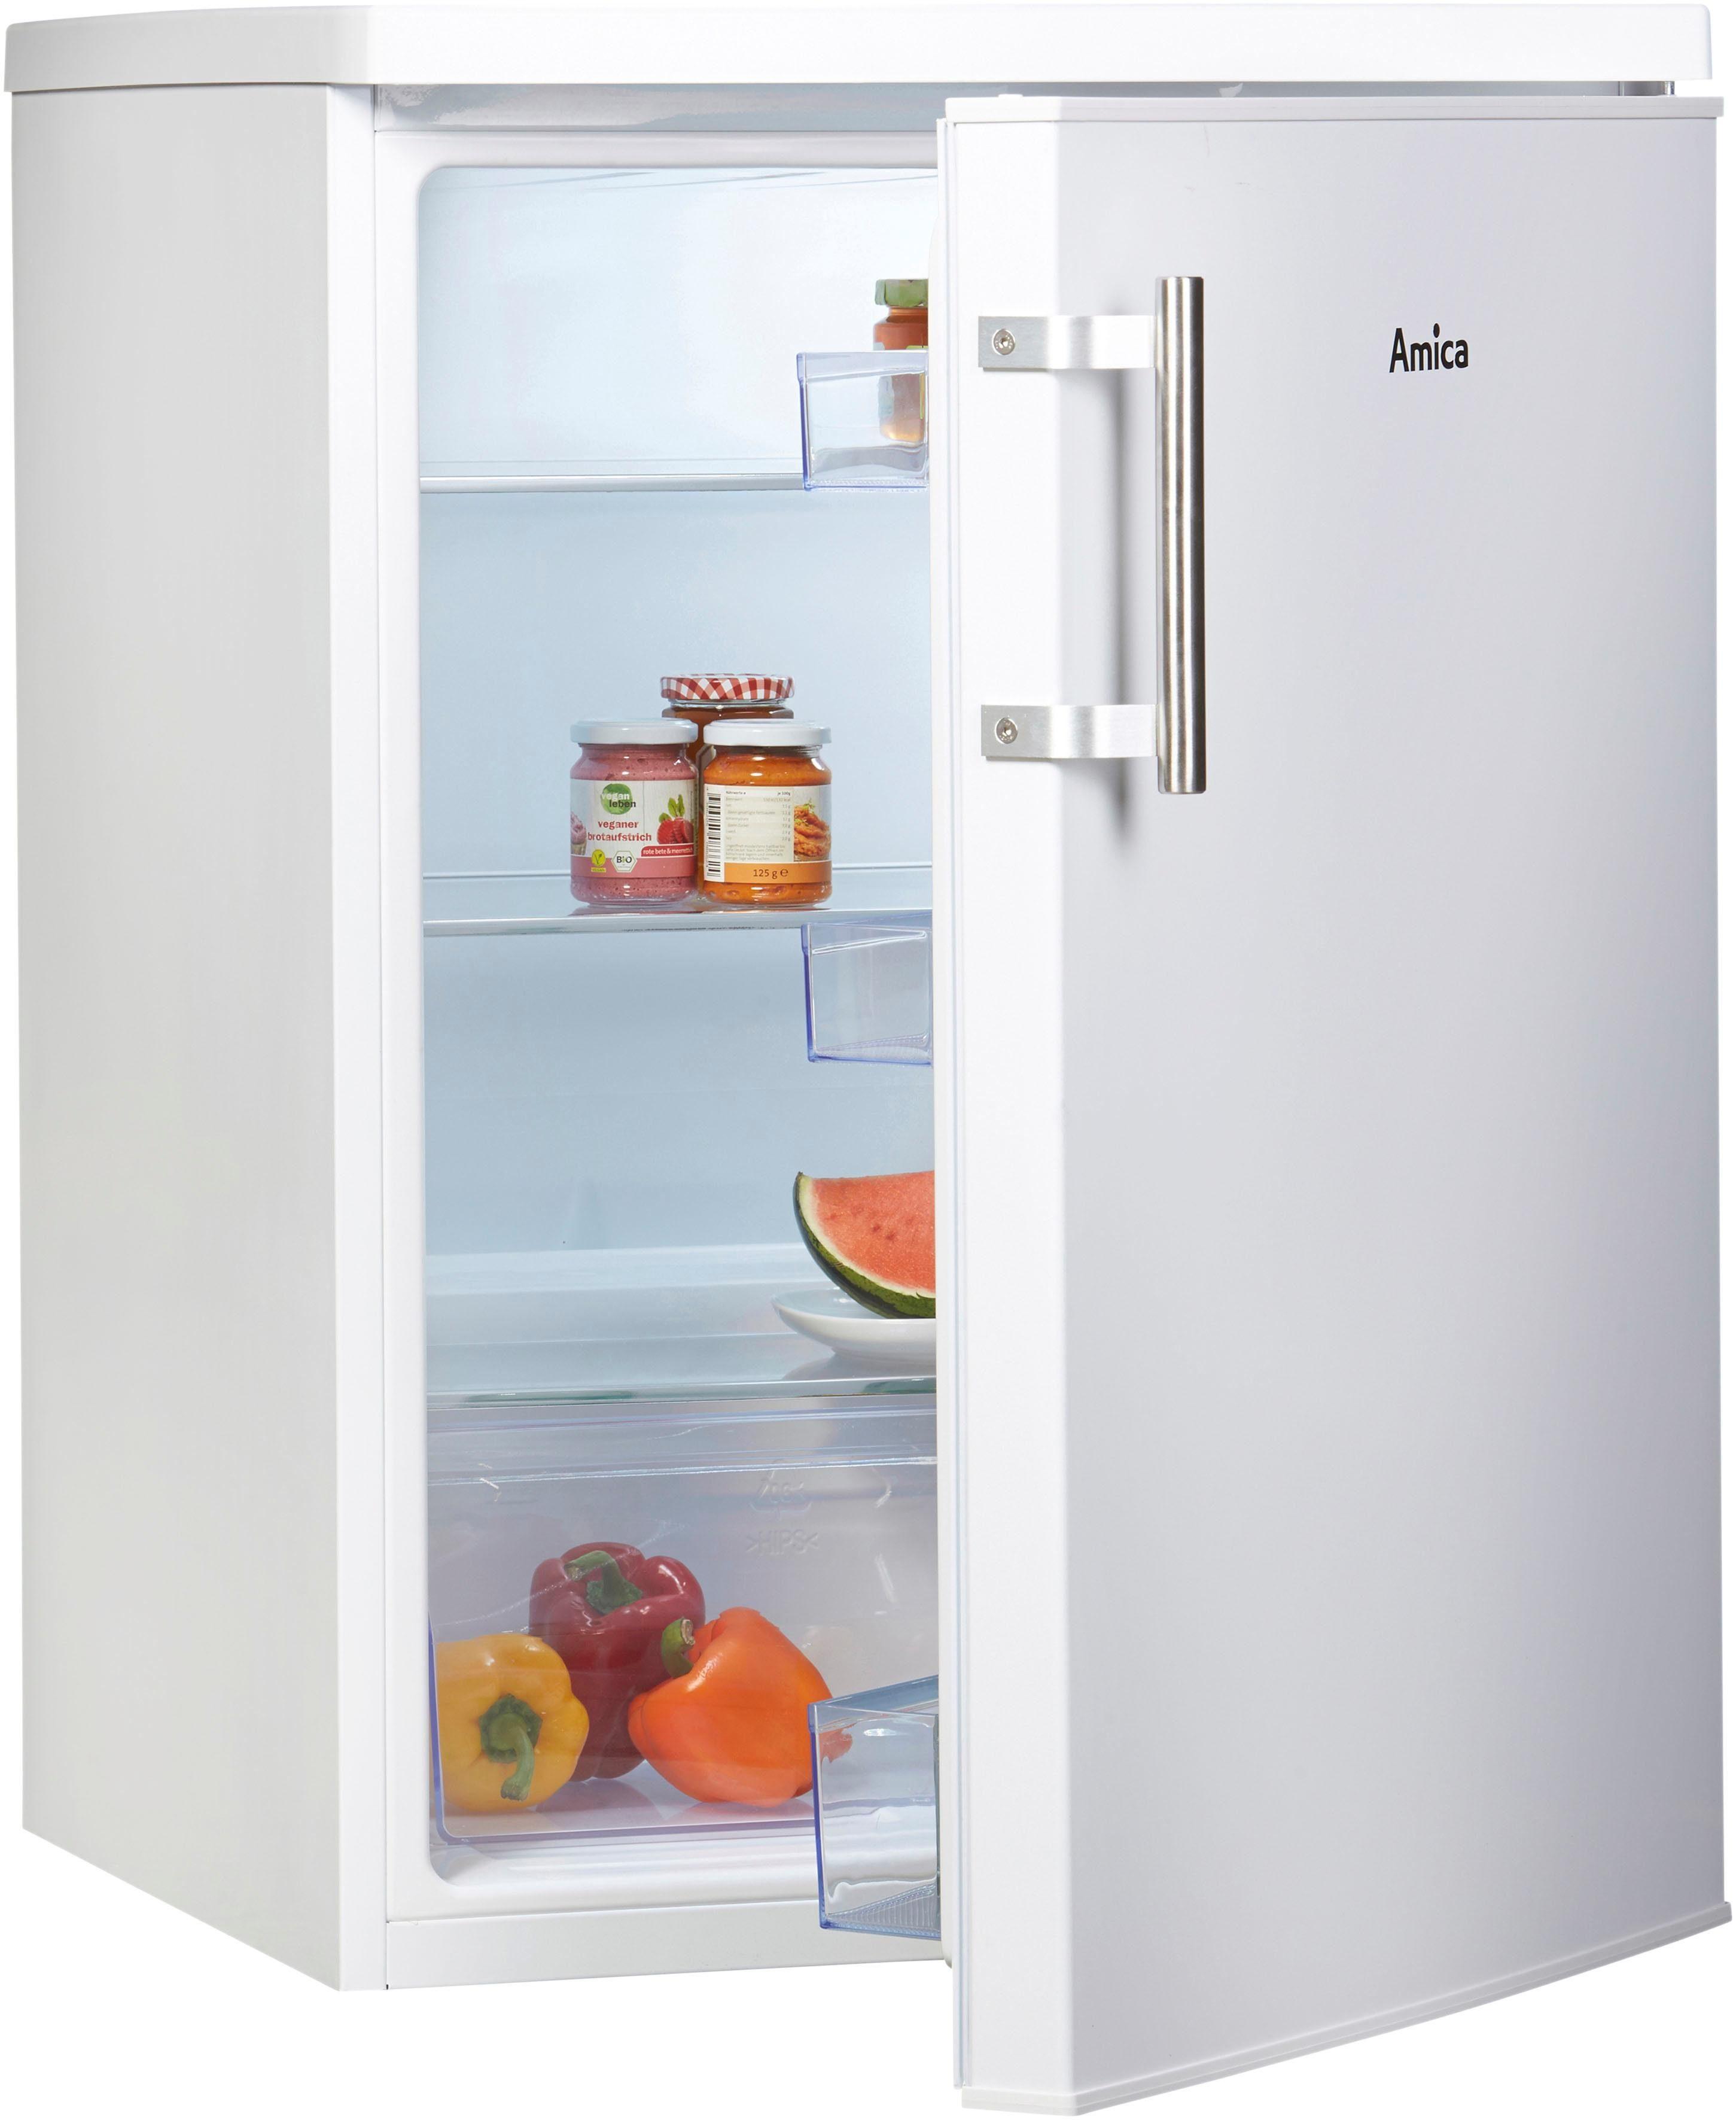 Amica Kühlschrank VKS 15917W, 85 cm hoch, 60 cm breit